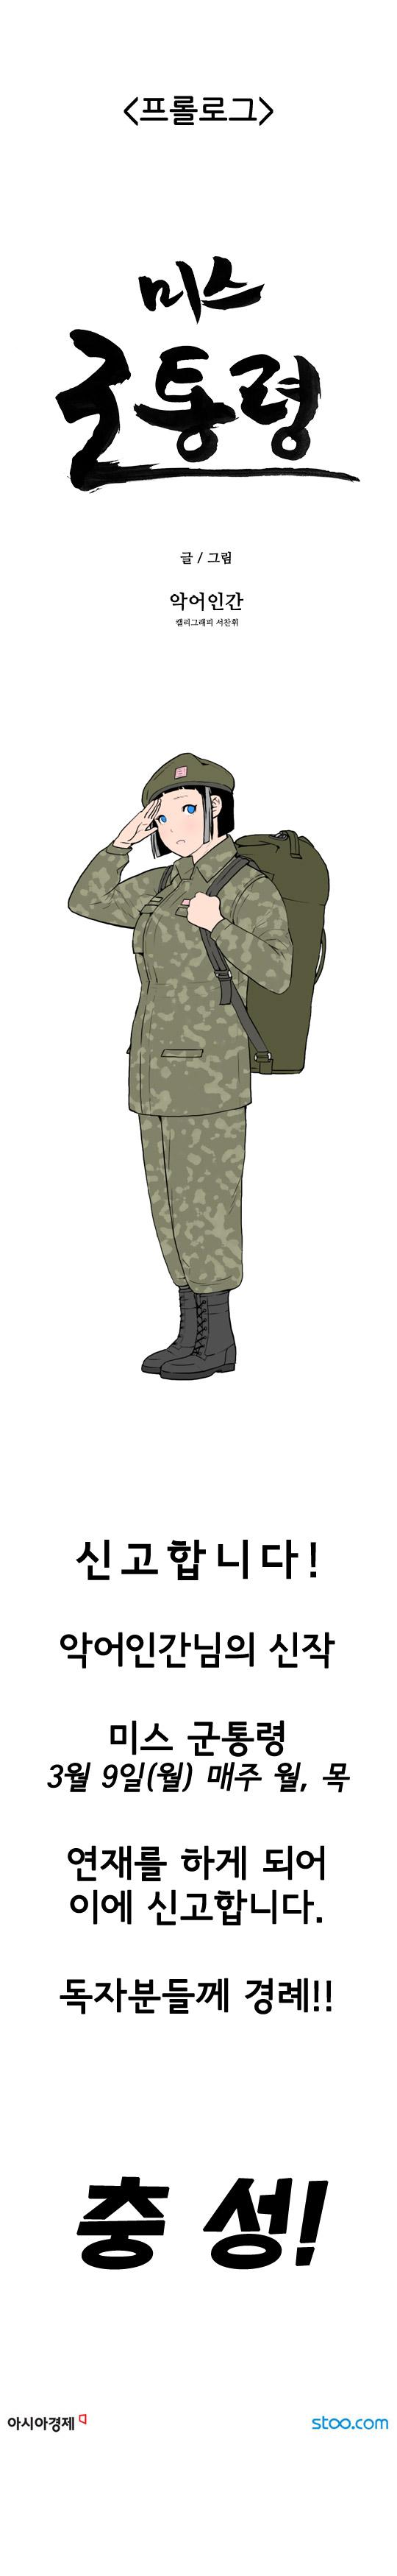 미스 군통령